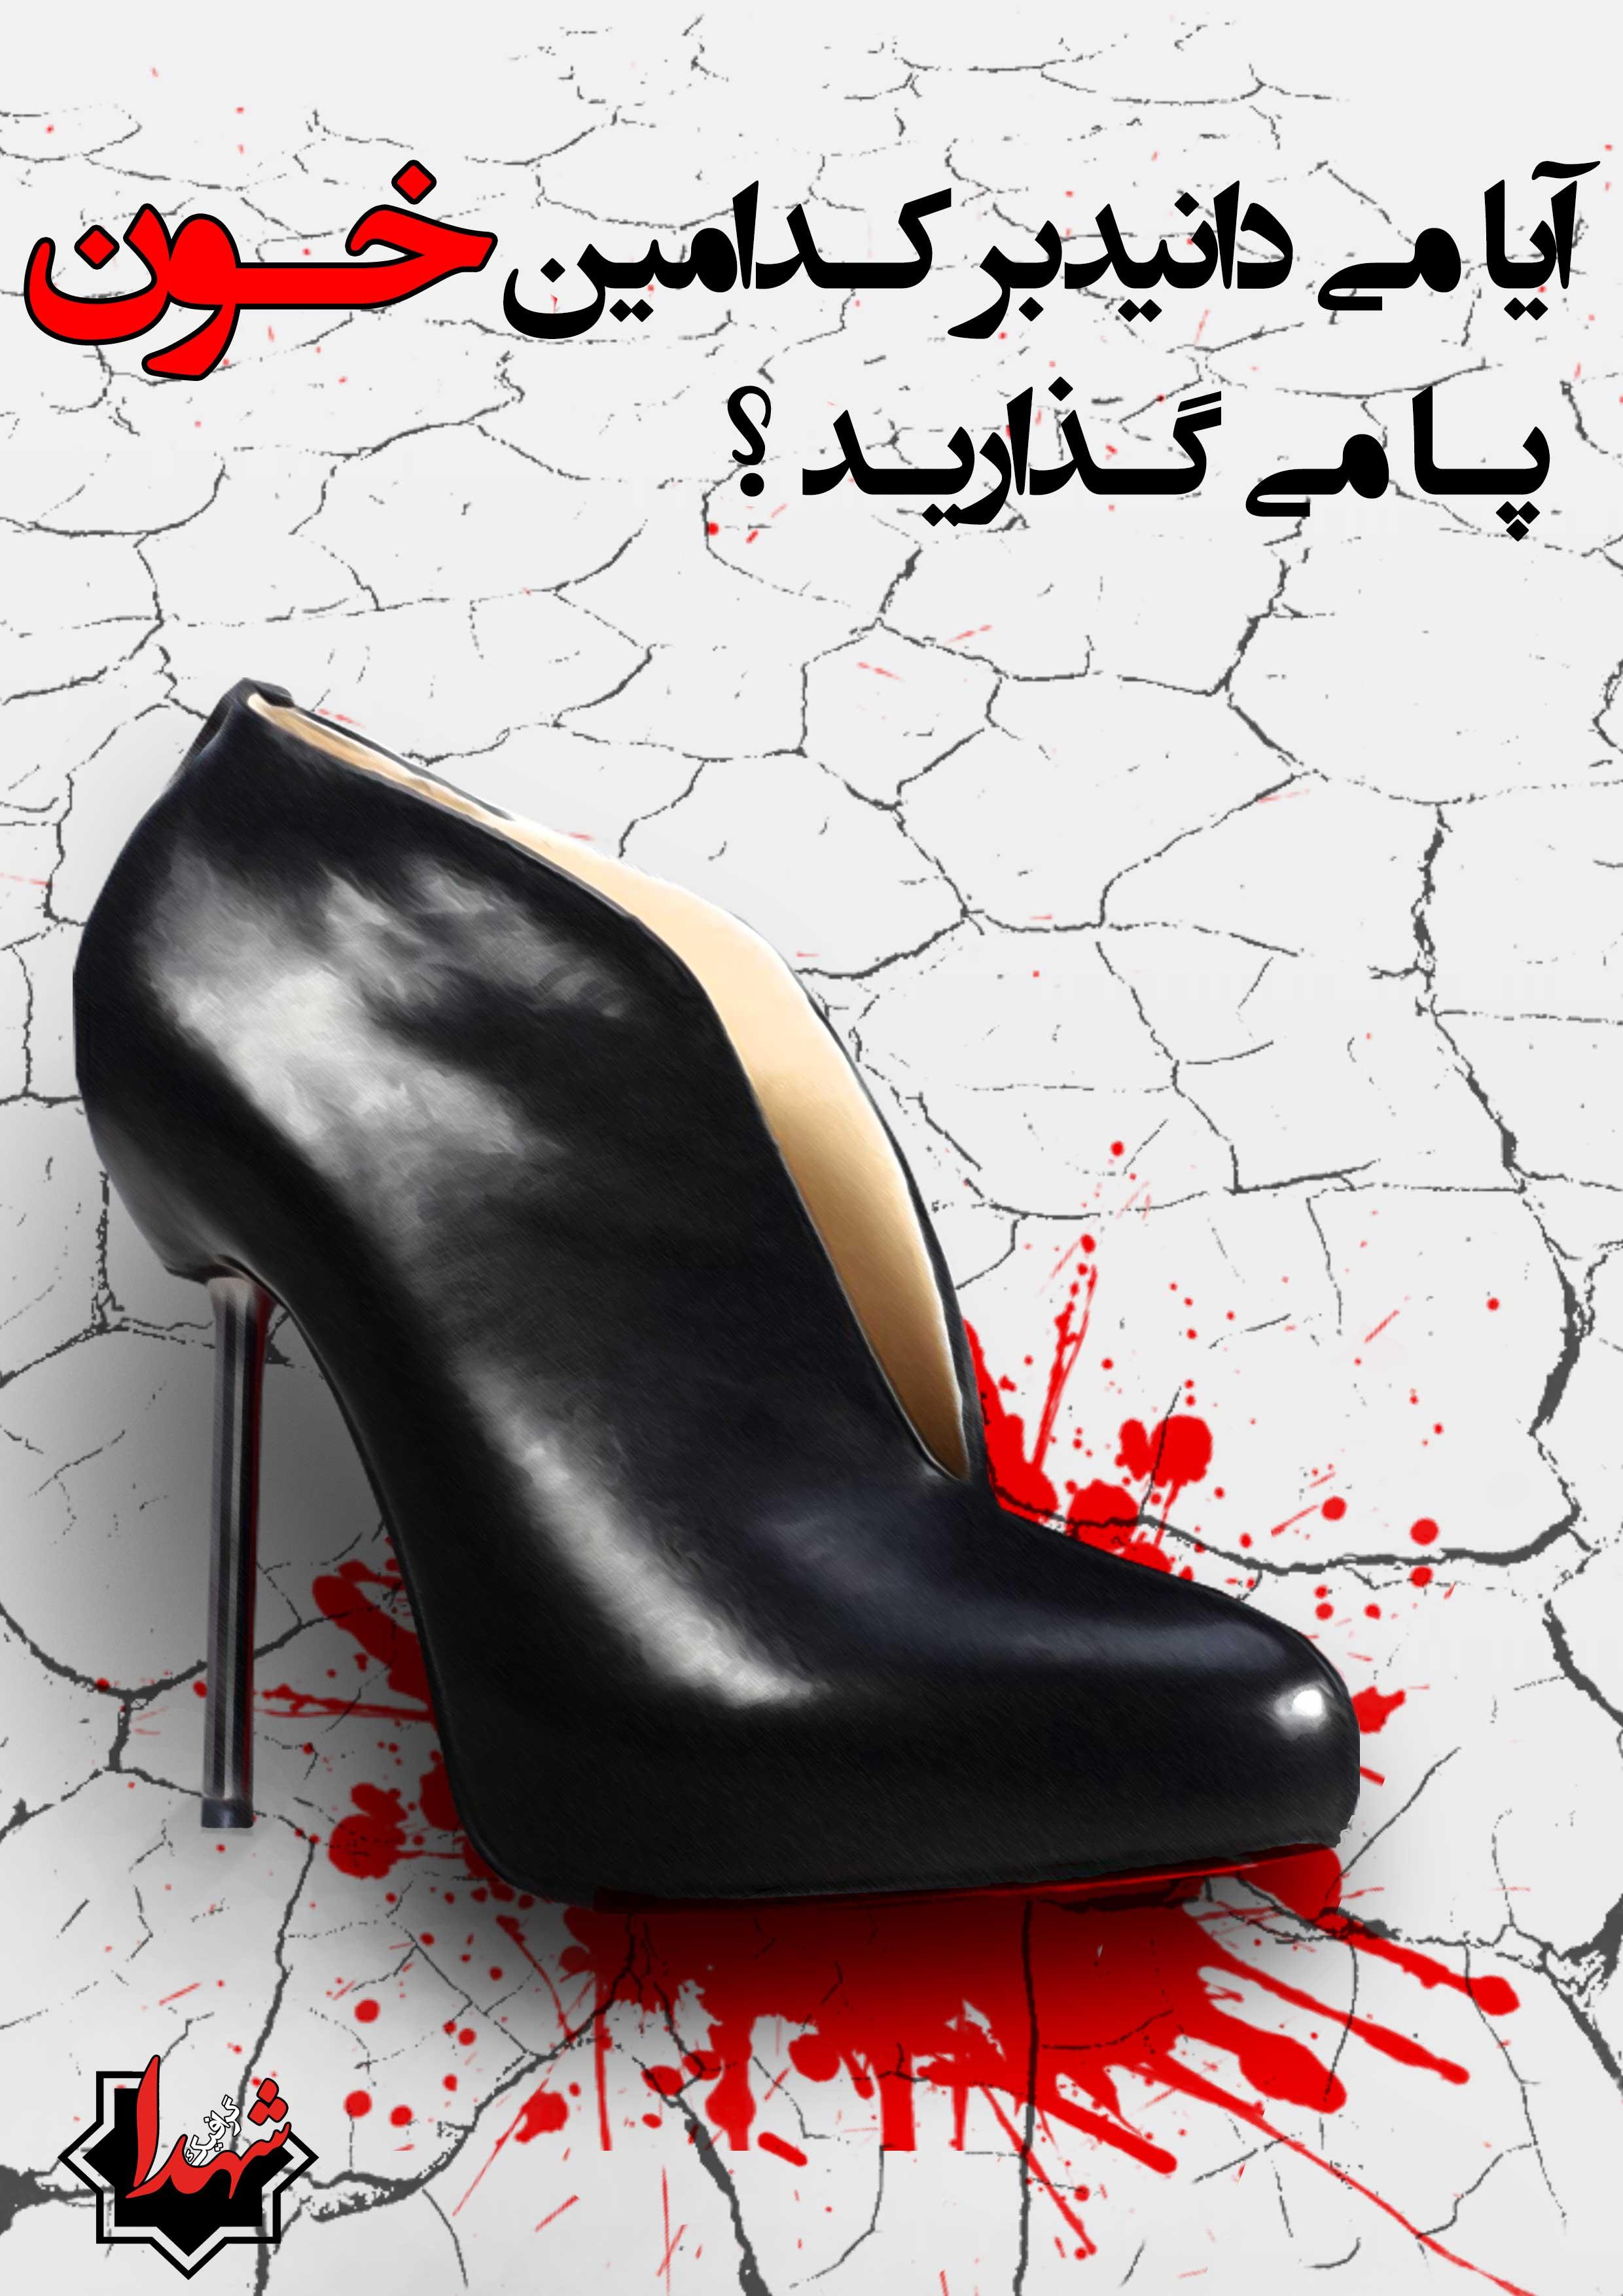 فتونکته - حجاب و خون شهدا